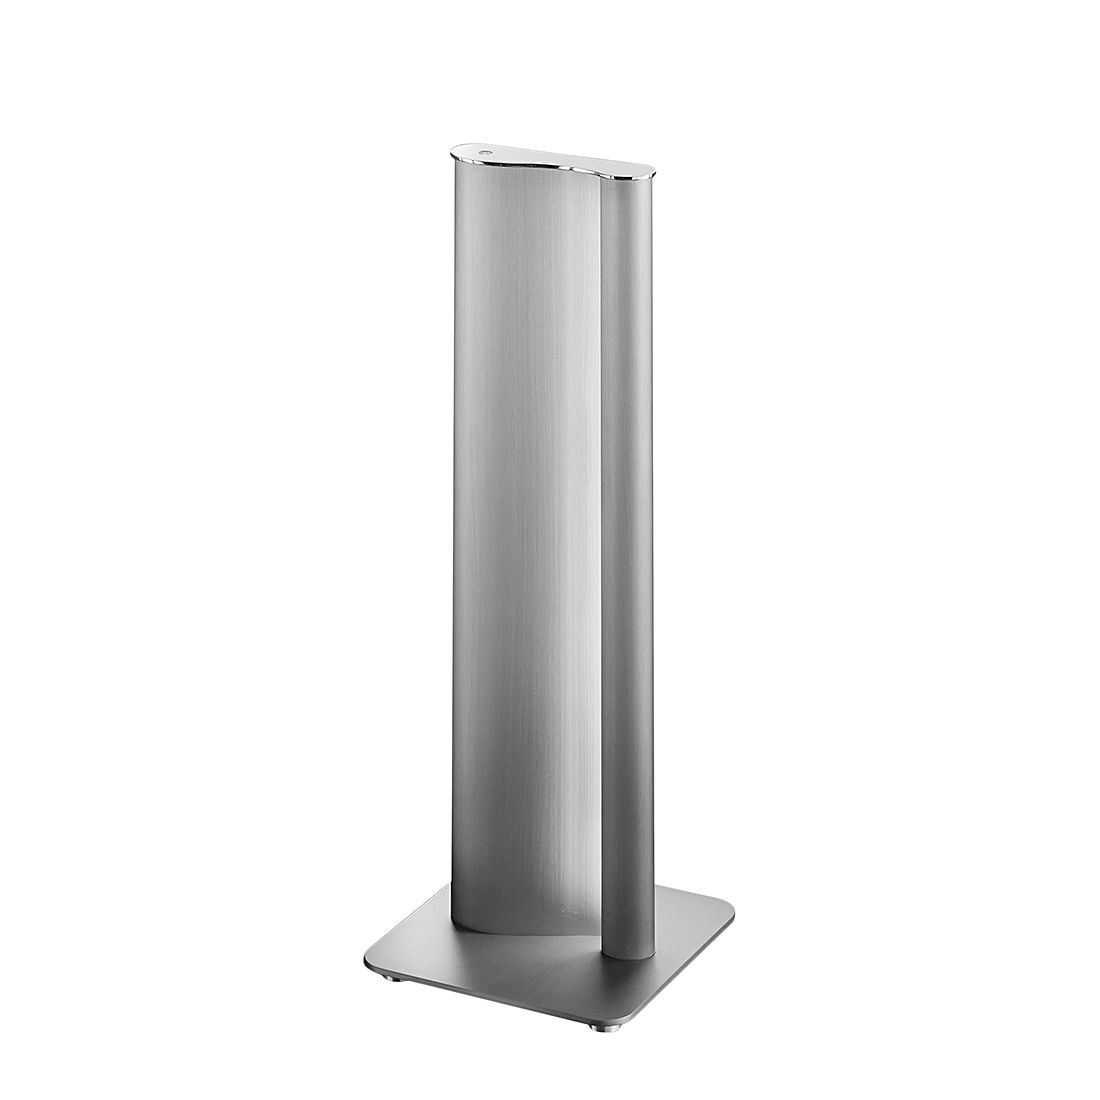 EEK A+, Lampe de table KURVO - Métal / Matériau synthétique Argenté, Helestra